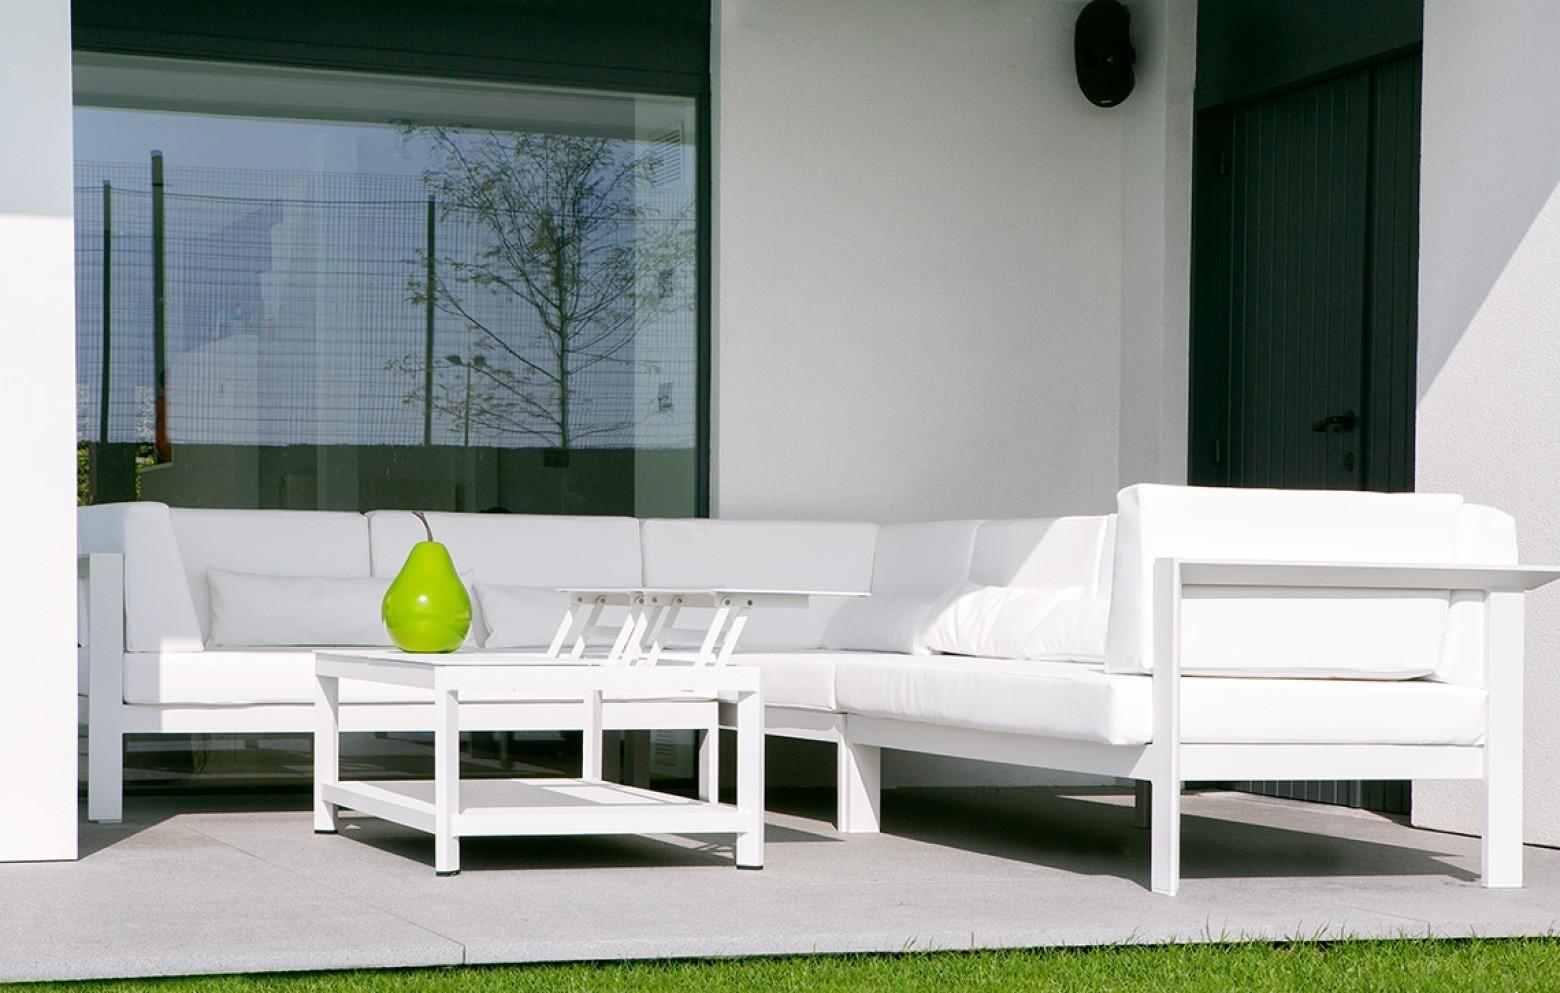 ecksofa konfigurator inspirierendes design f r wohnm bel. Black Bedroom Furniture Sets. Home Design Ideas